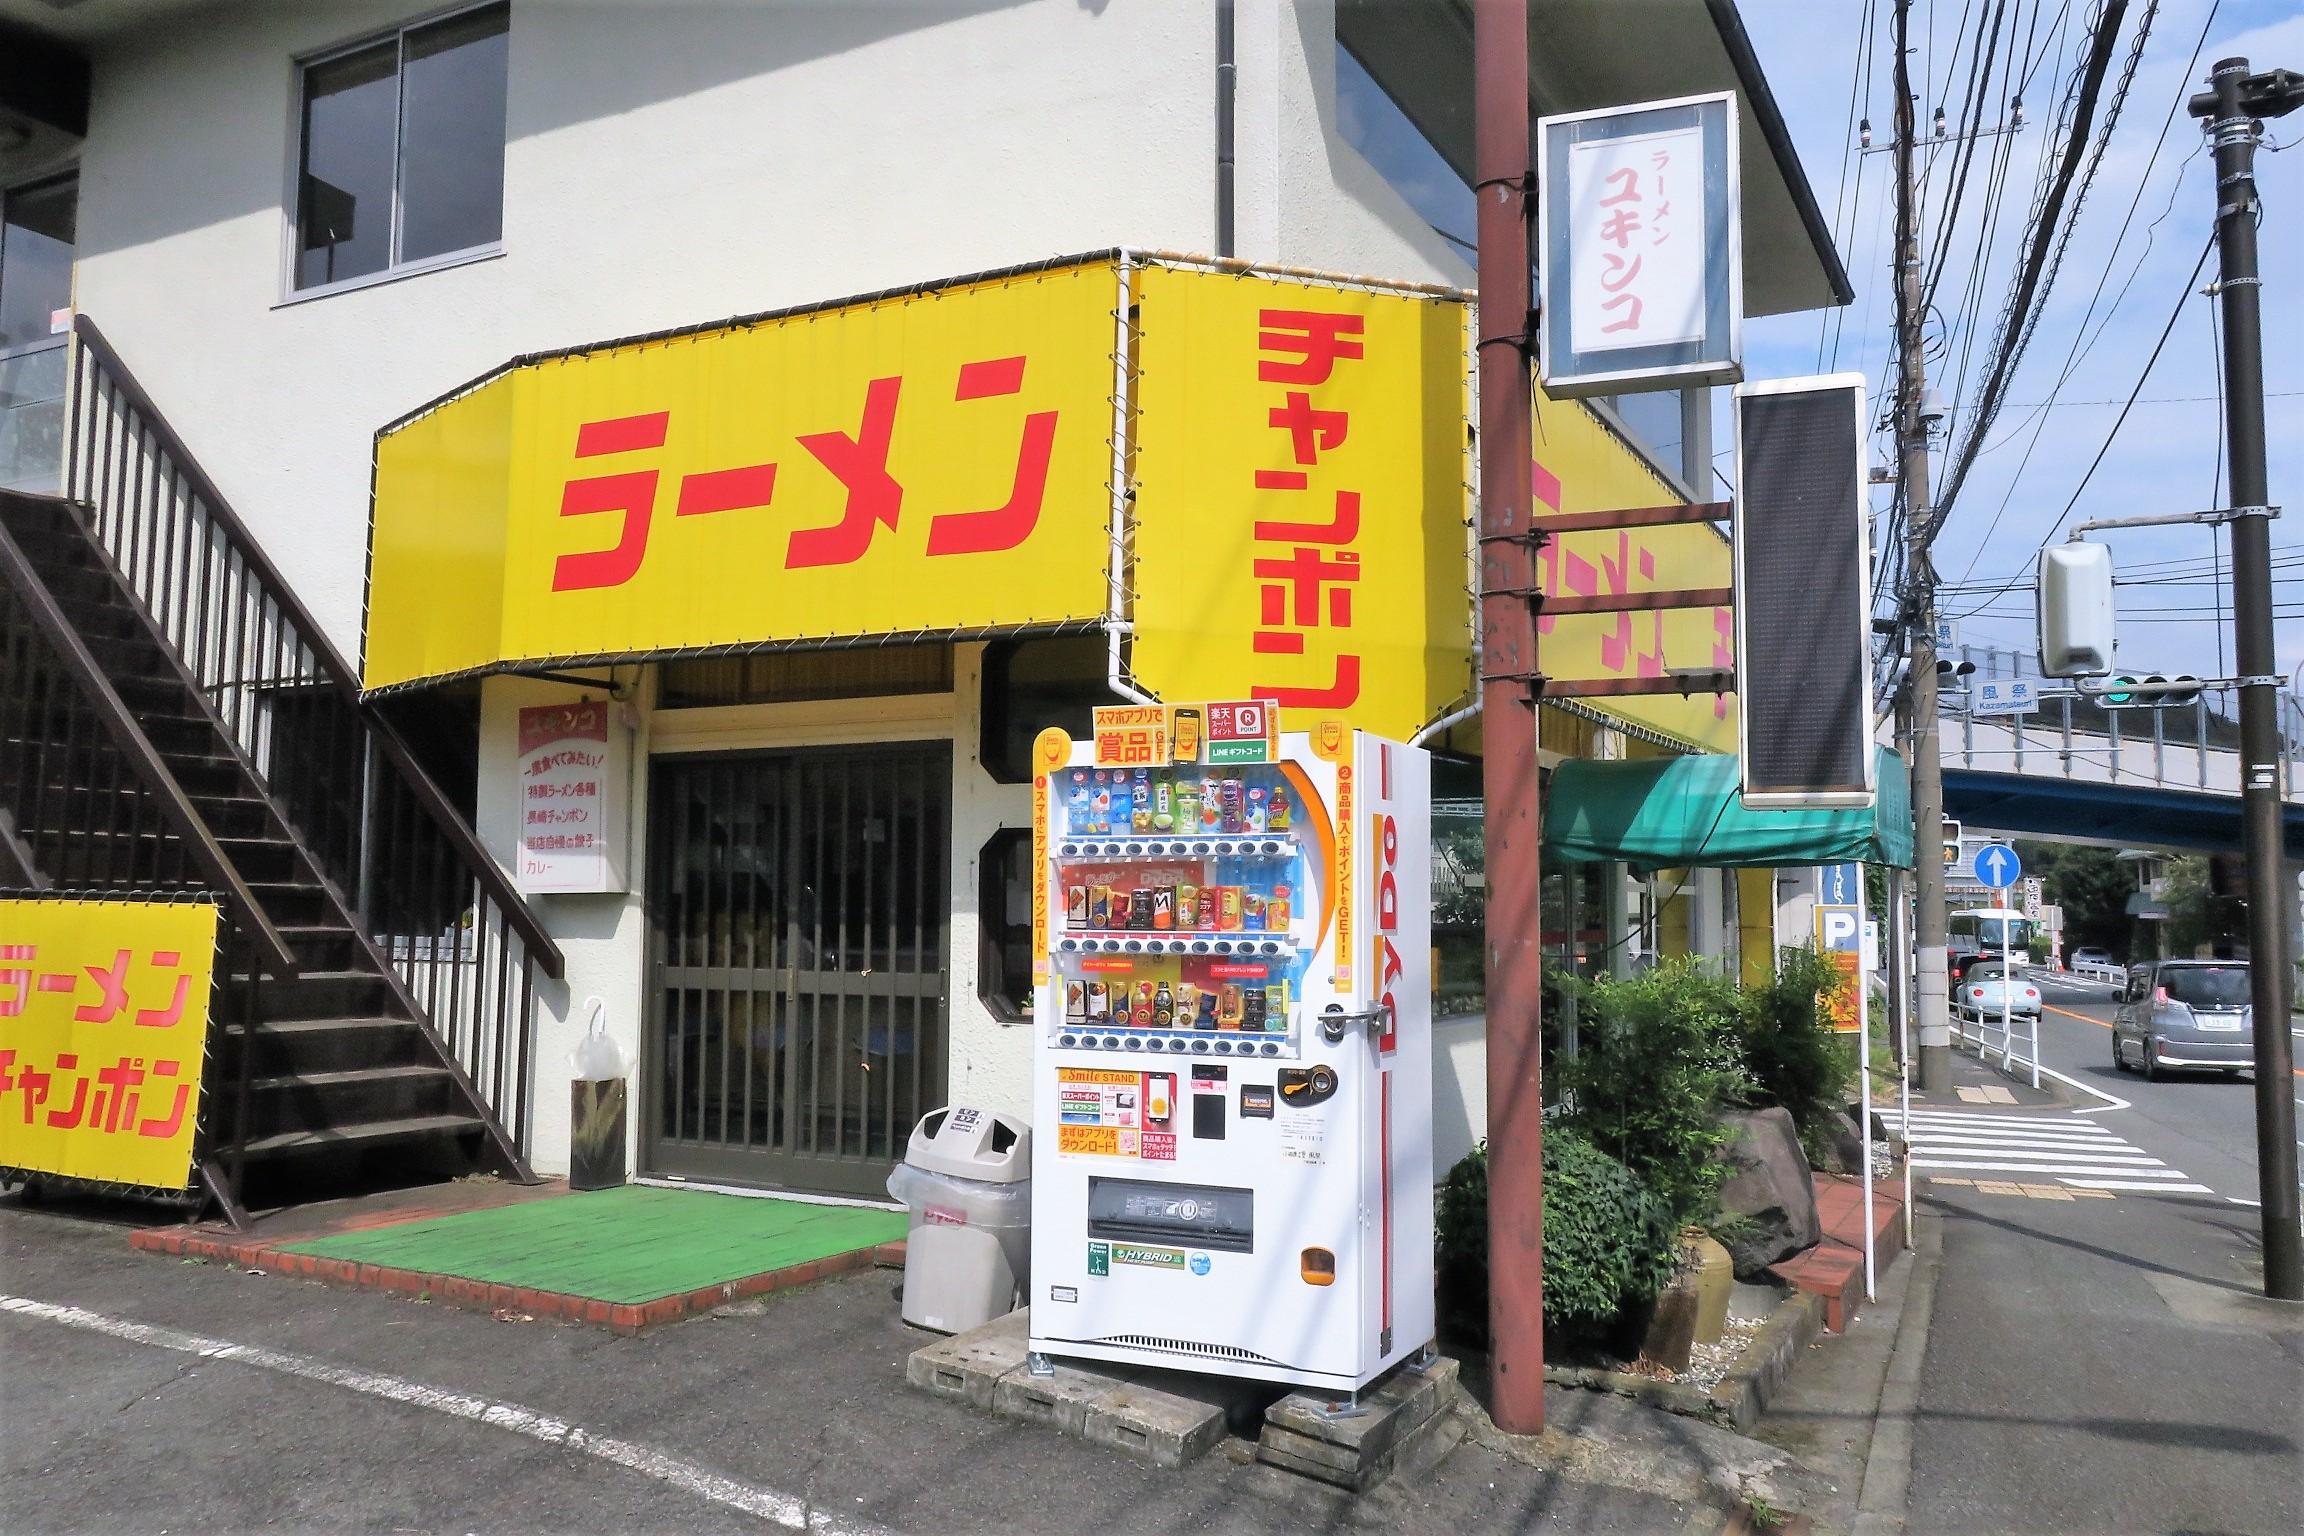 yukinko902